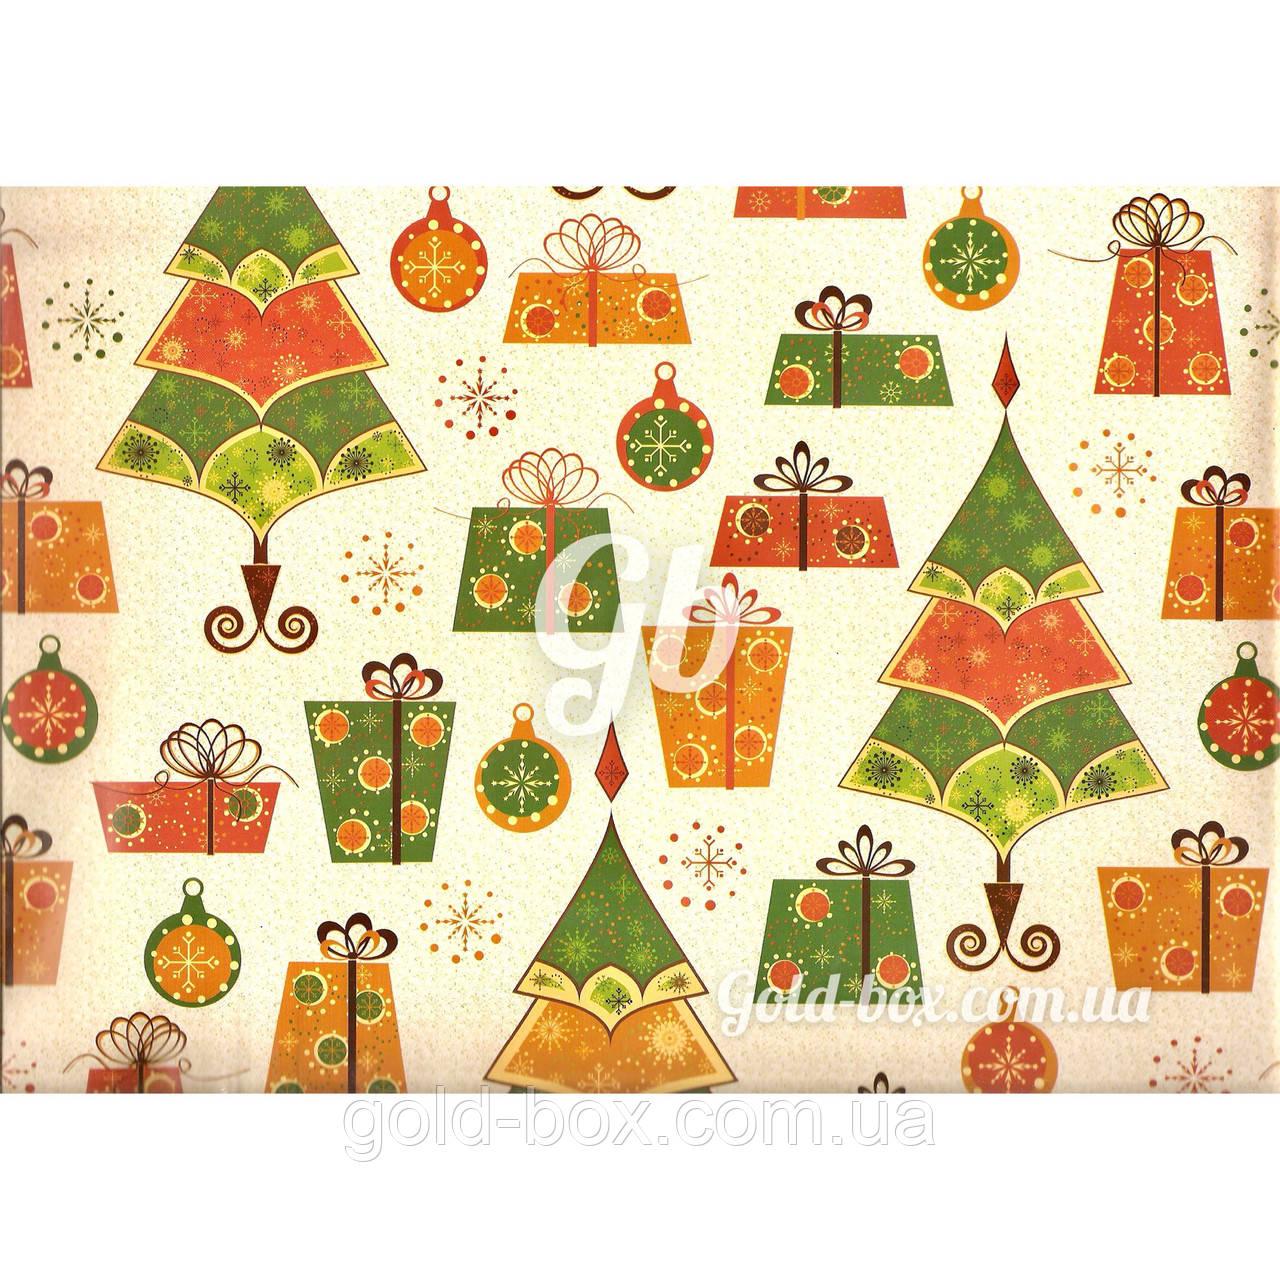 Новогодняя бумага для упаковки подарков «Ёлка и Подарки» 10шт